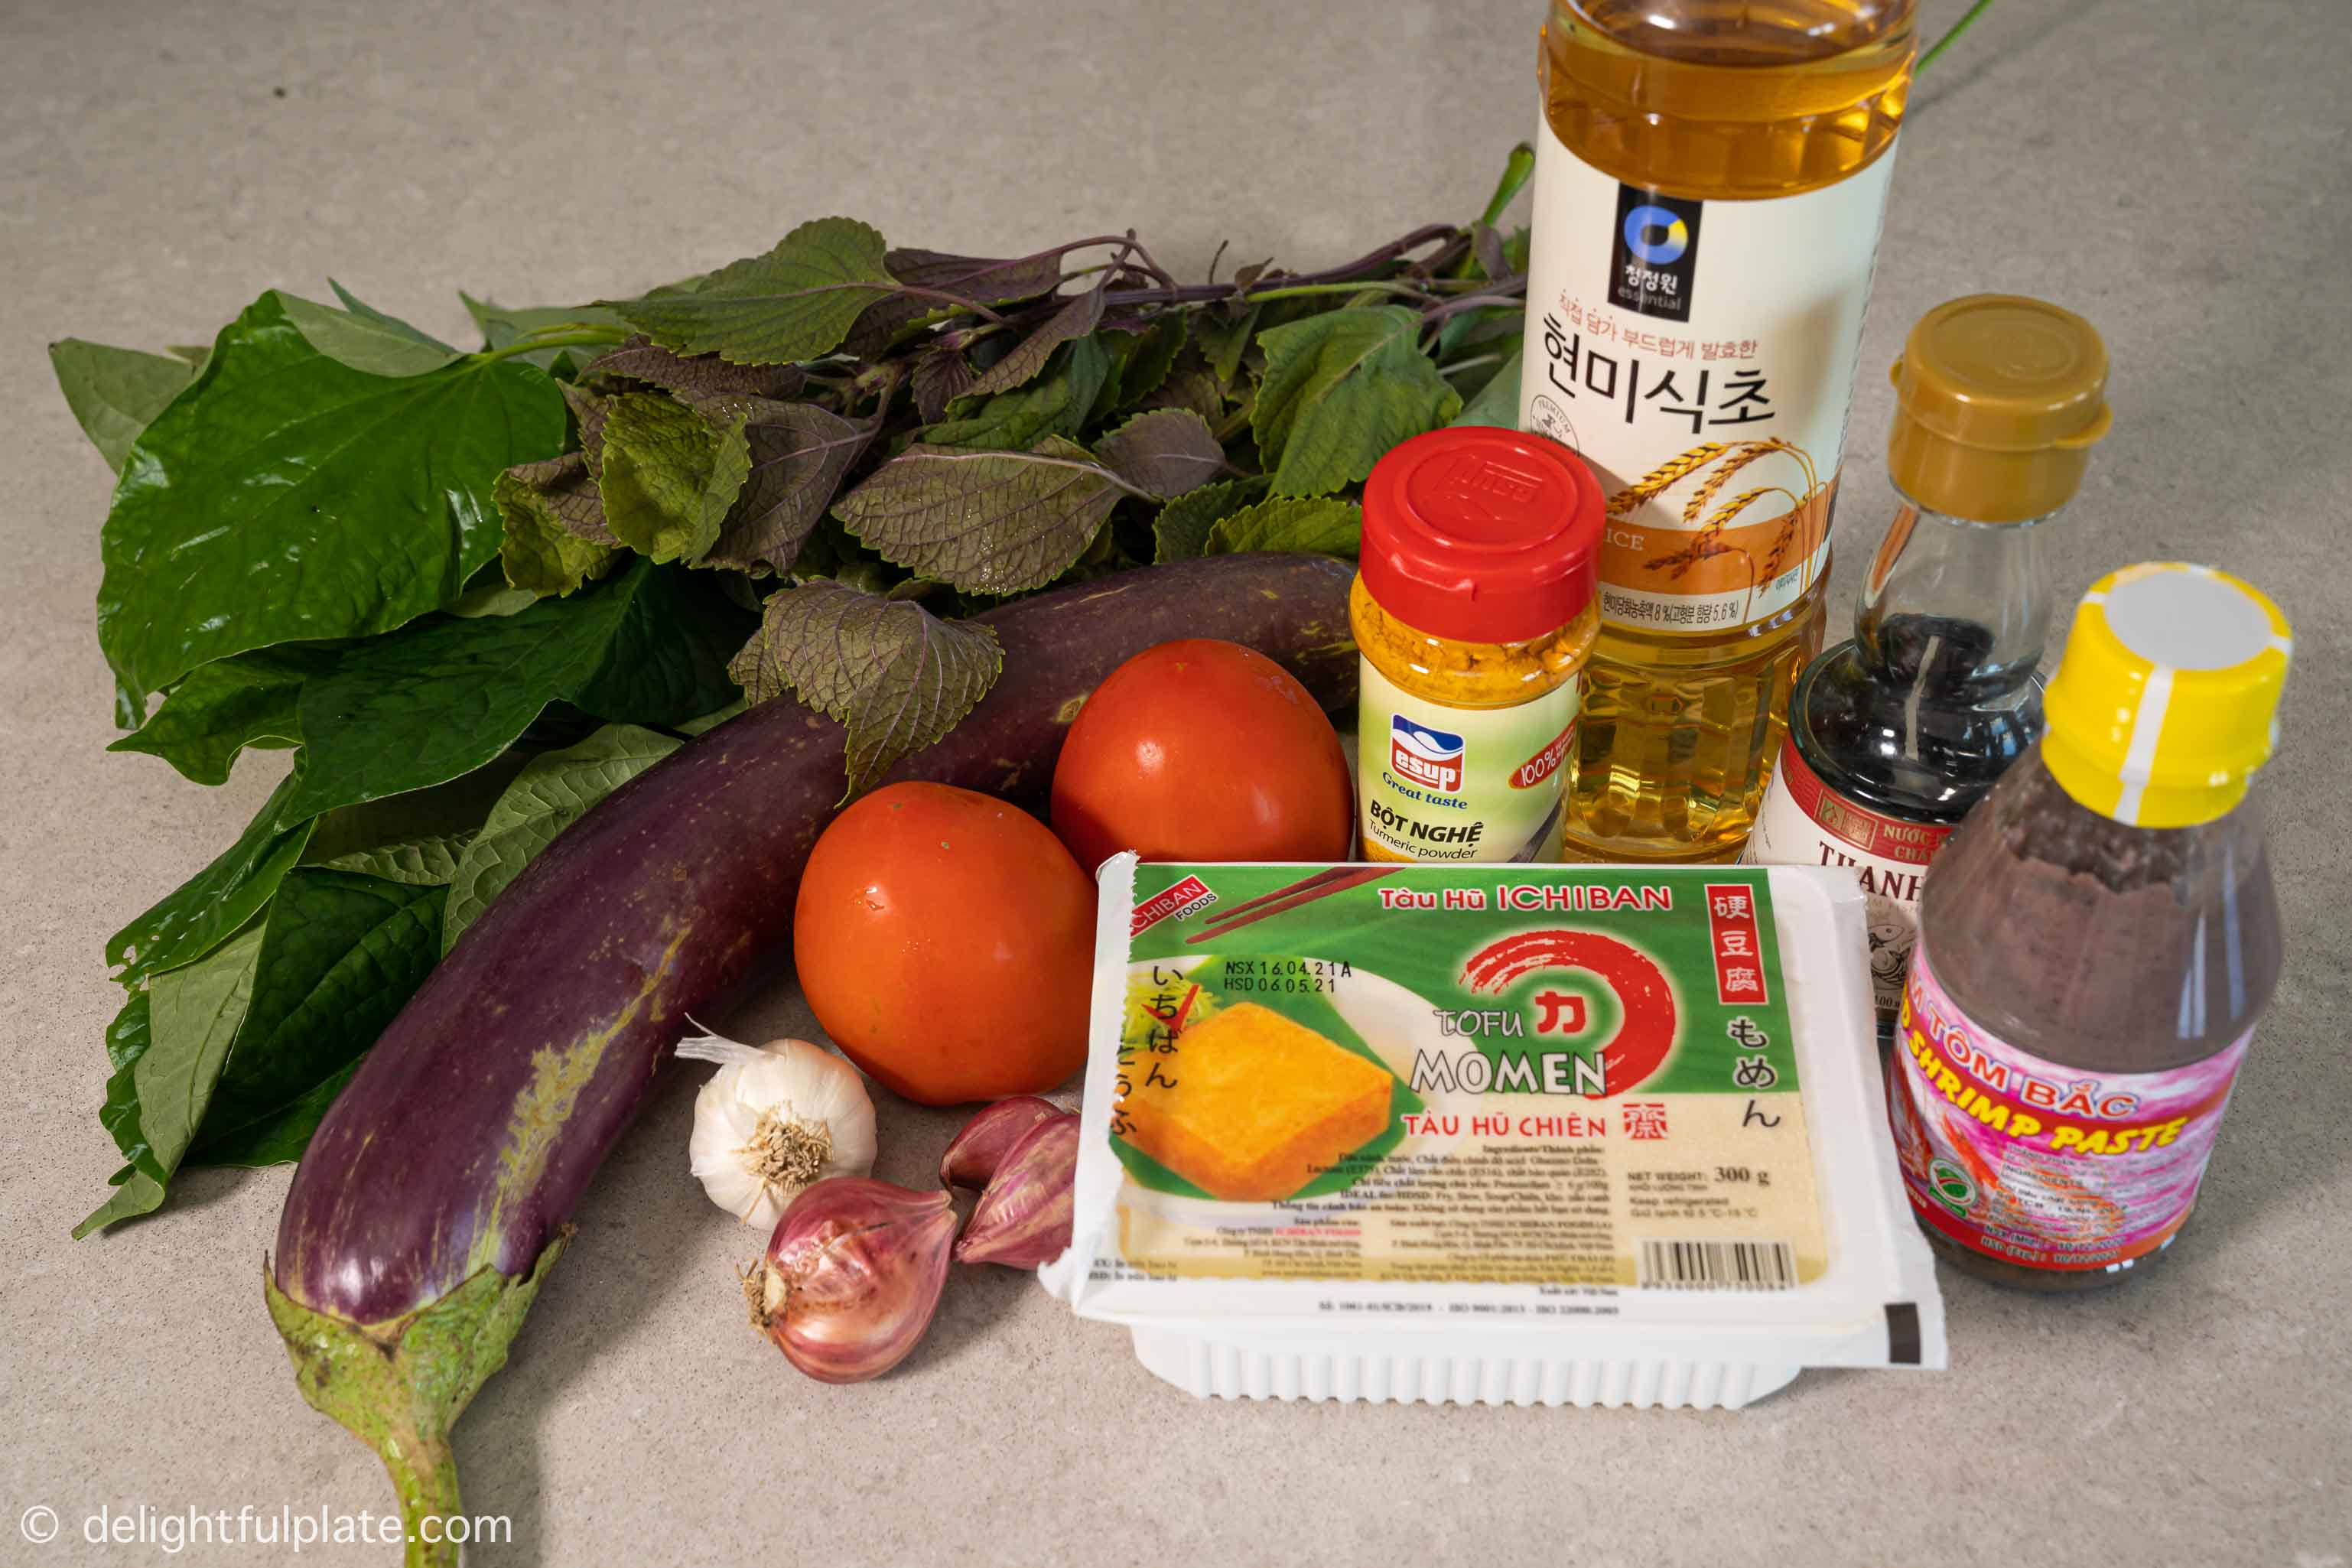 Ingredients for Vietnamese turmeric braised ribs